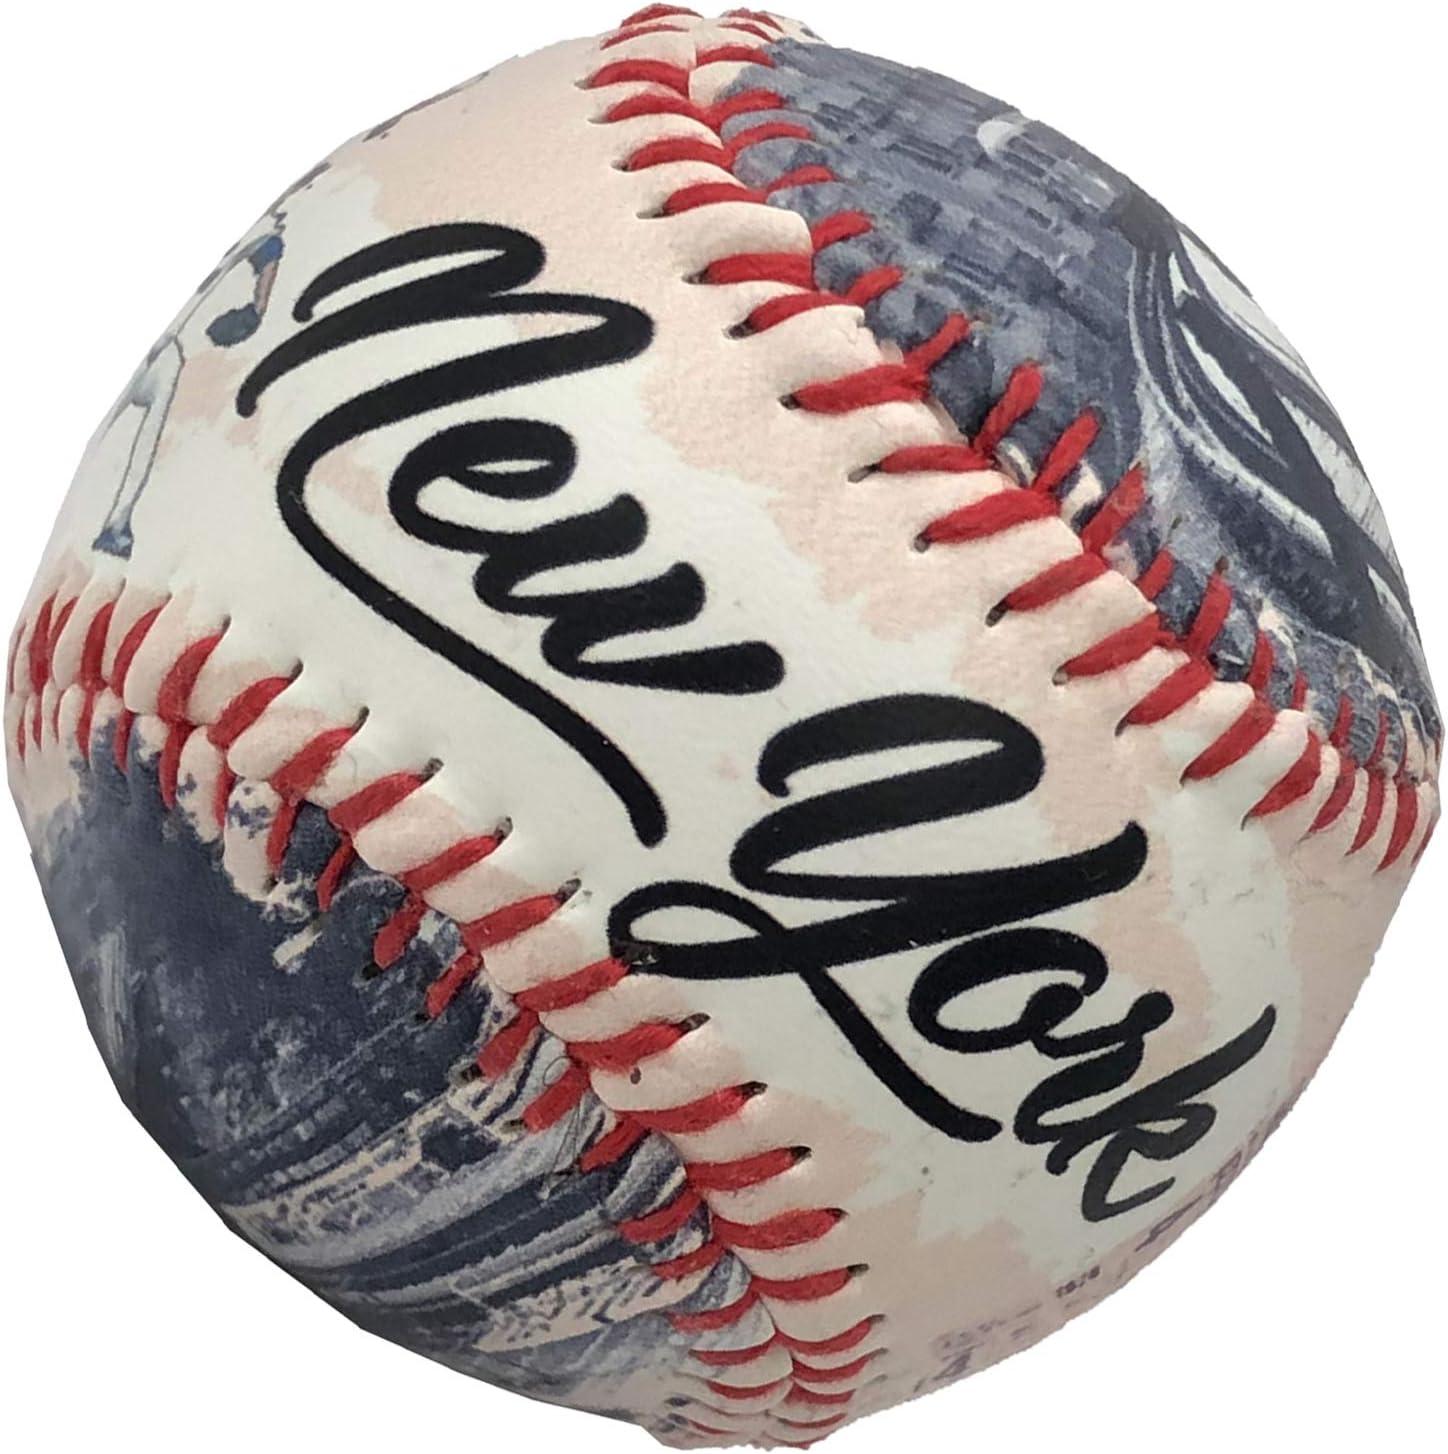 New York City Souvenir Baseball | Baseball for Men Women  Kids